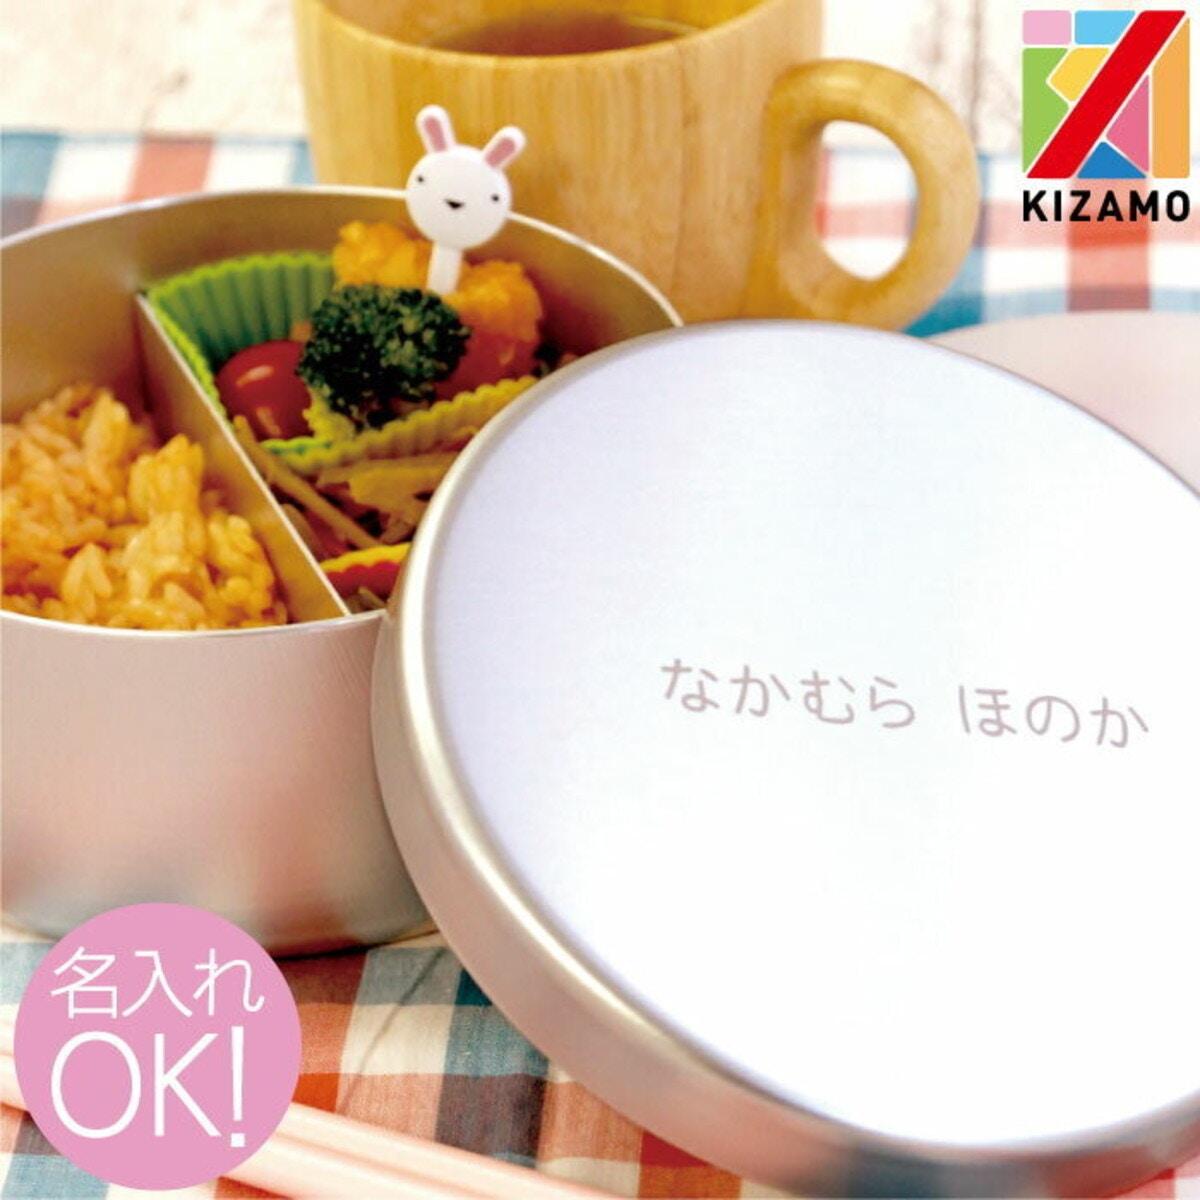 内フタ付 アルミお弁当箱 丸型